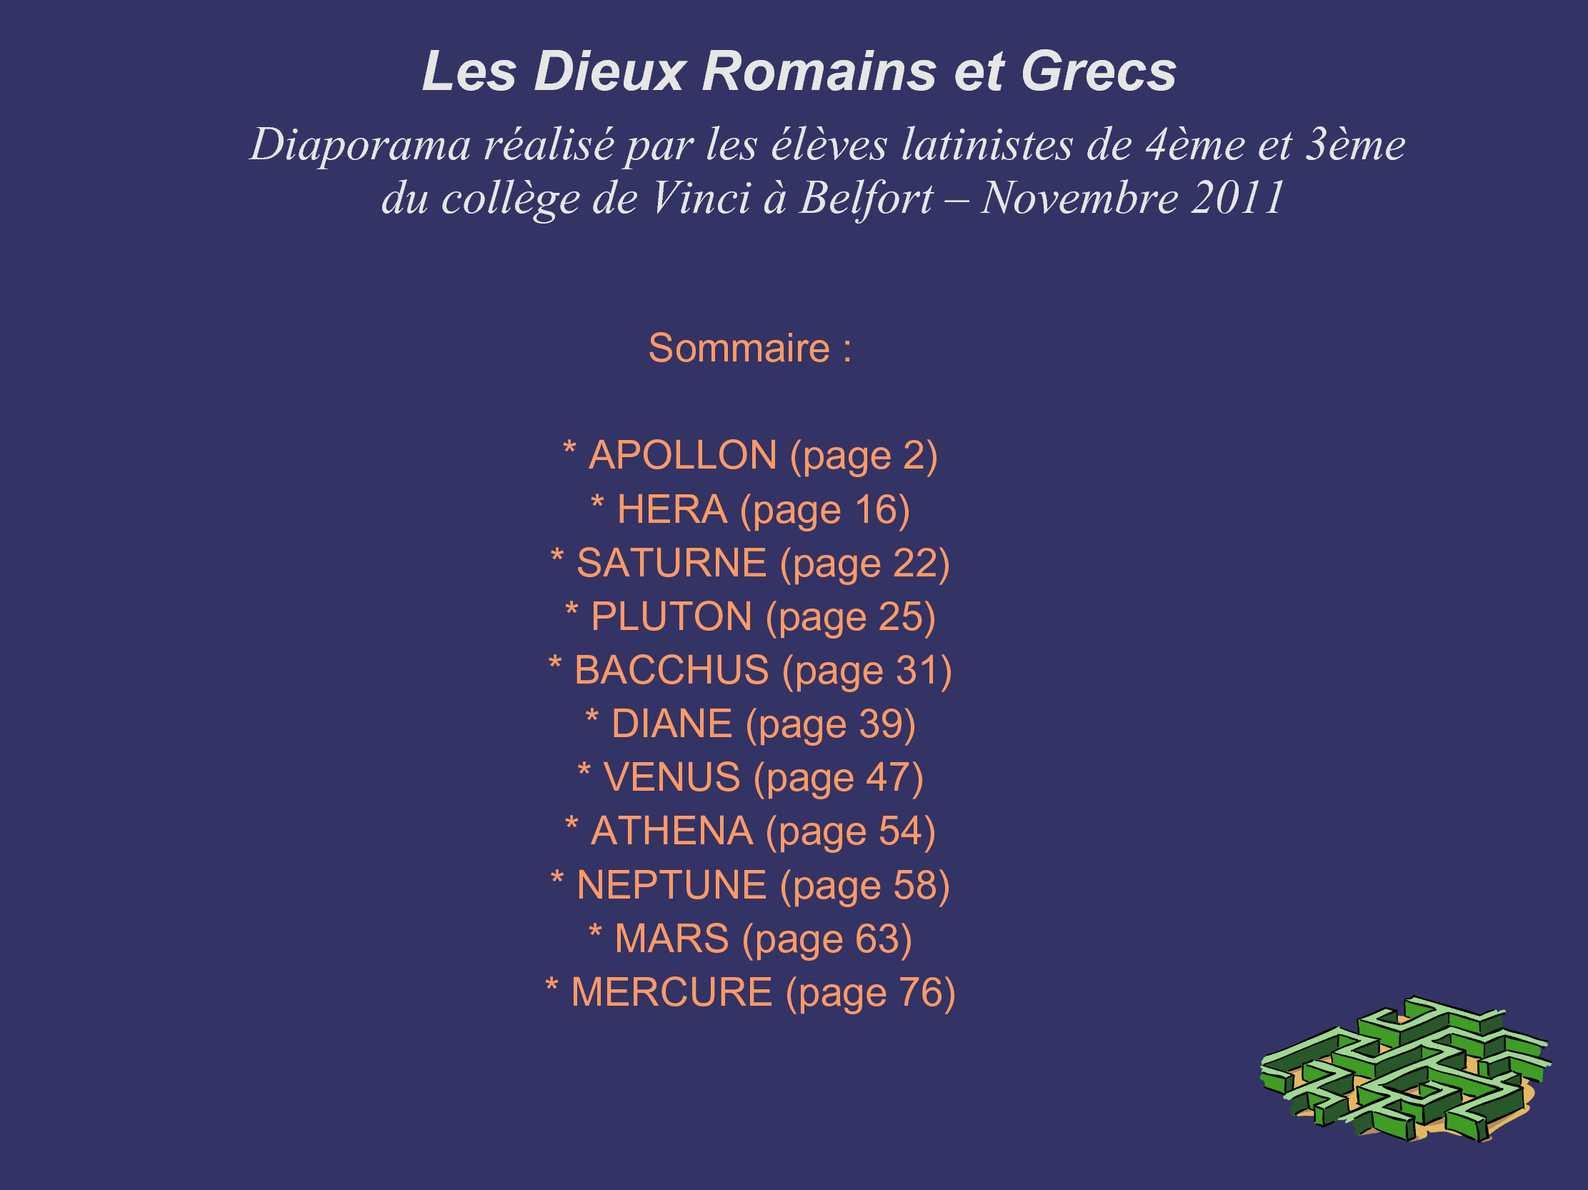 Bien-aimé Calaméo - Les Dieux Grecs et Romains BT77